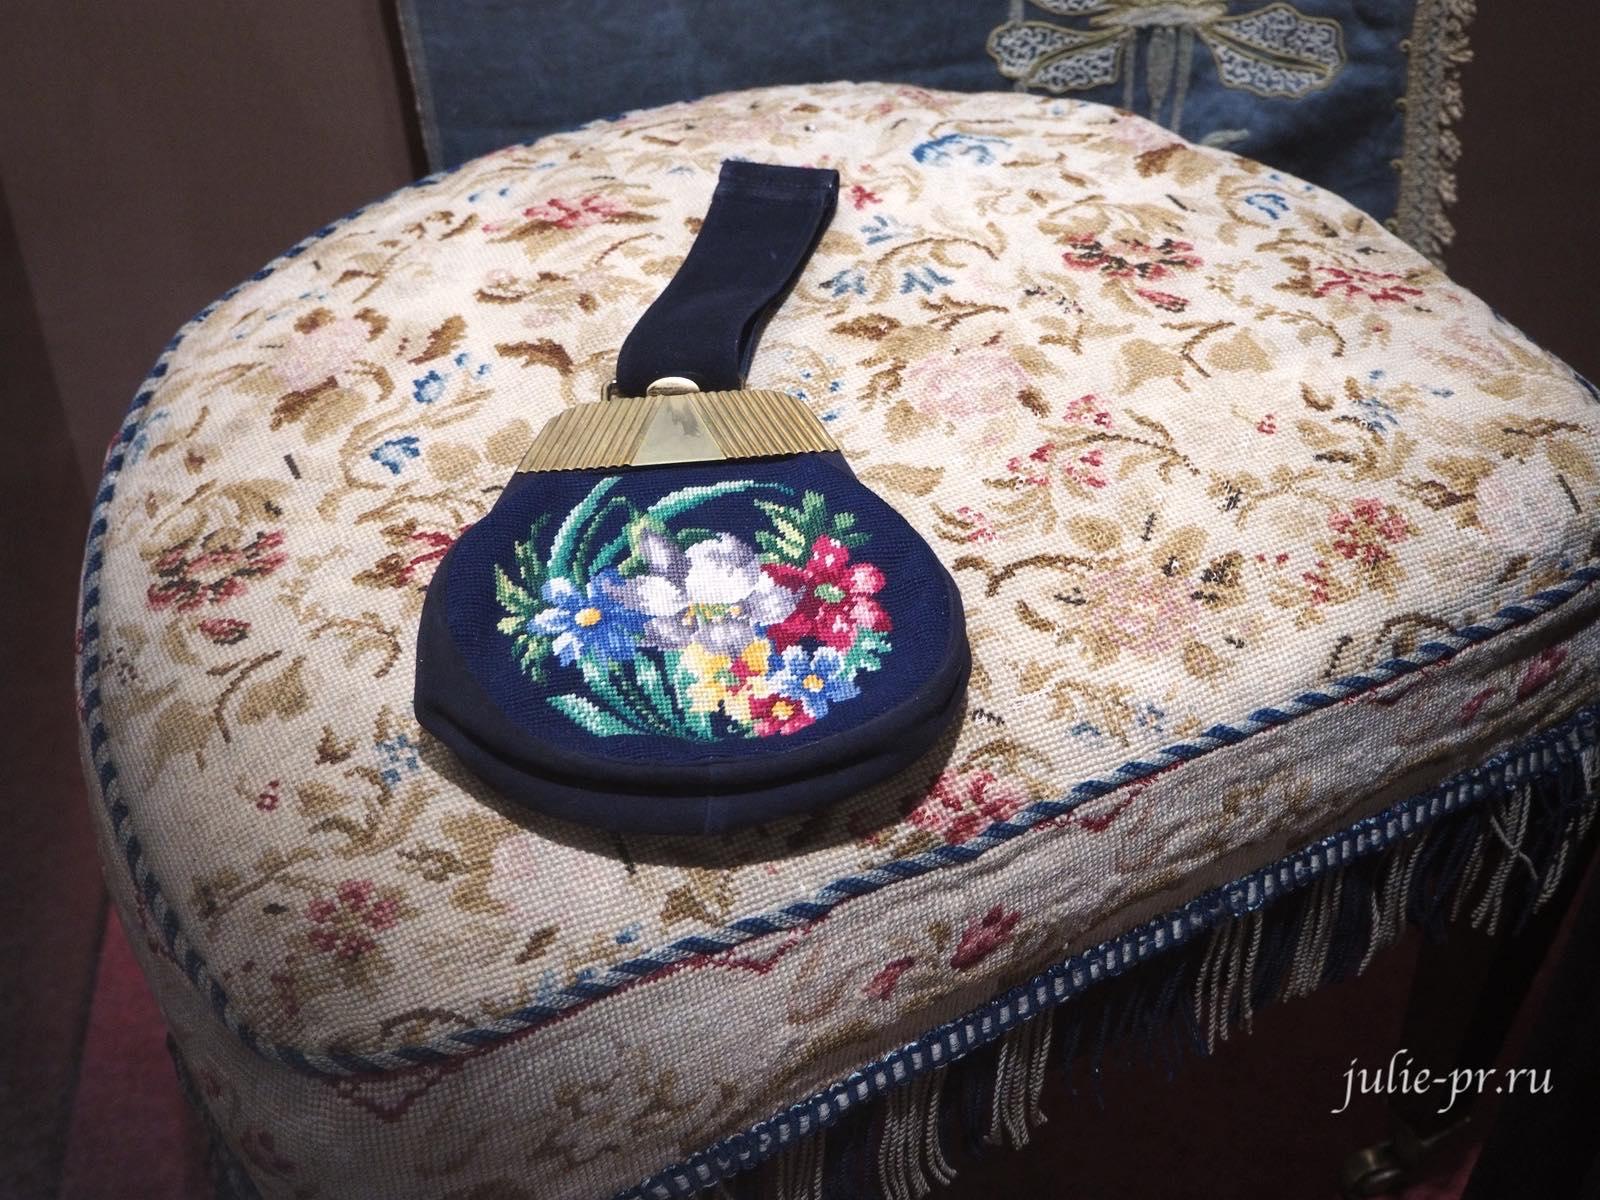 Пуф (первая половина XIX века) и сумочка (1950-е годы): вышивка крестом, прикладная вышивка